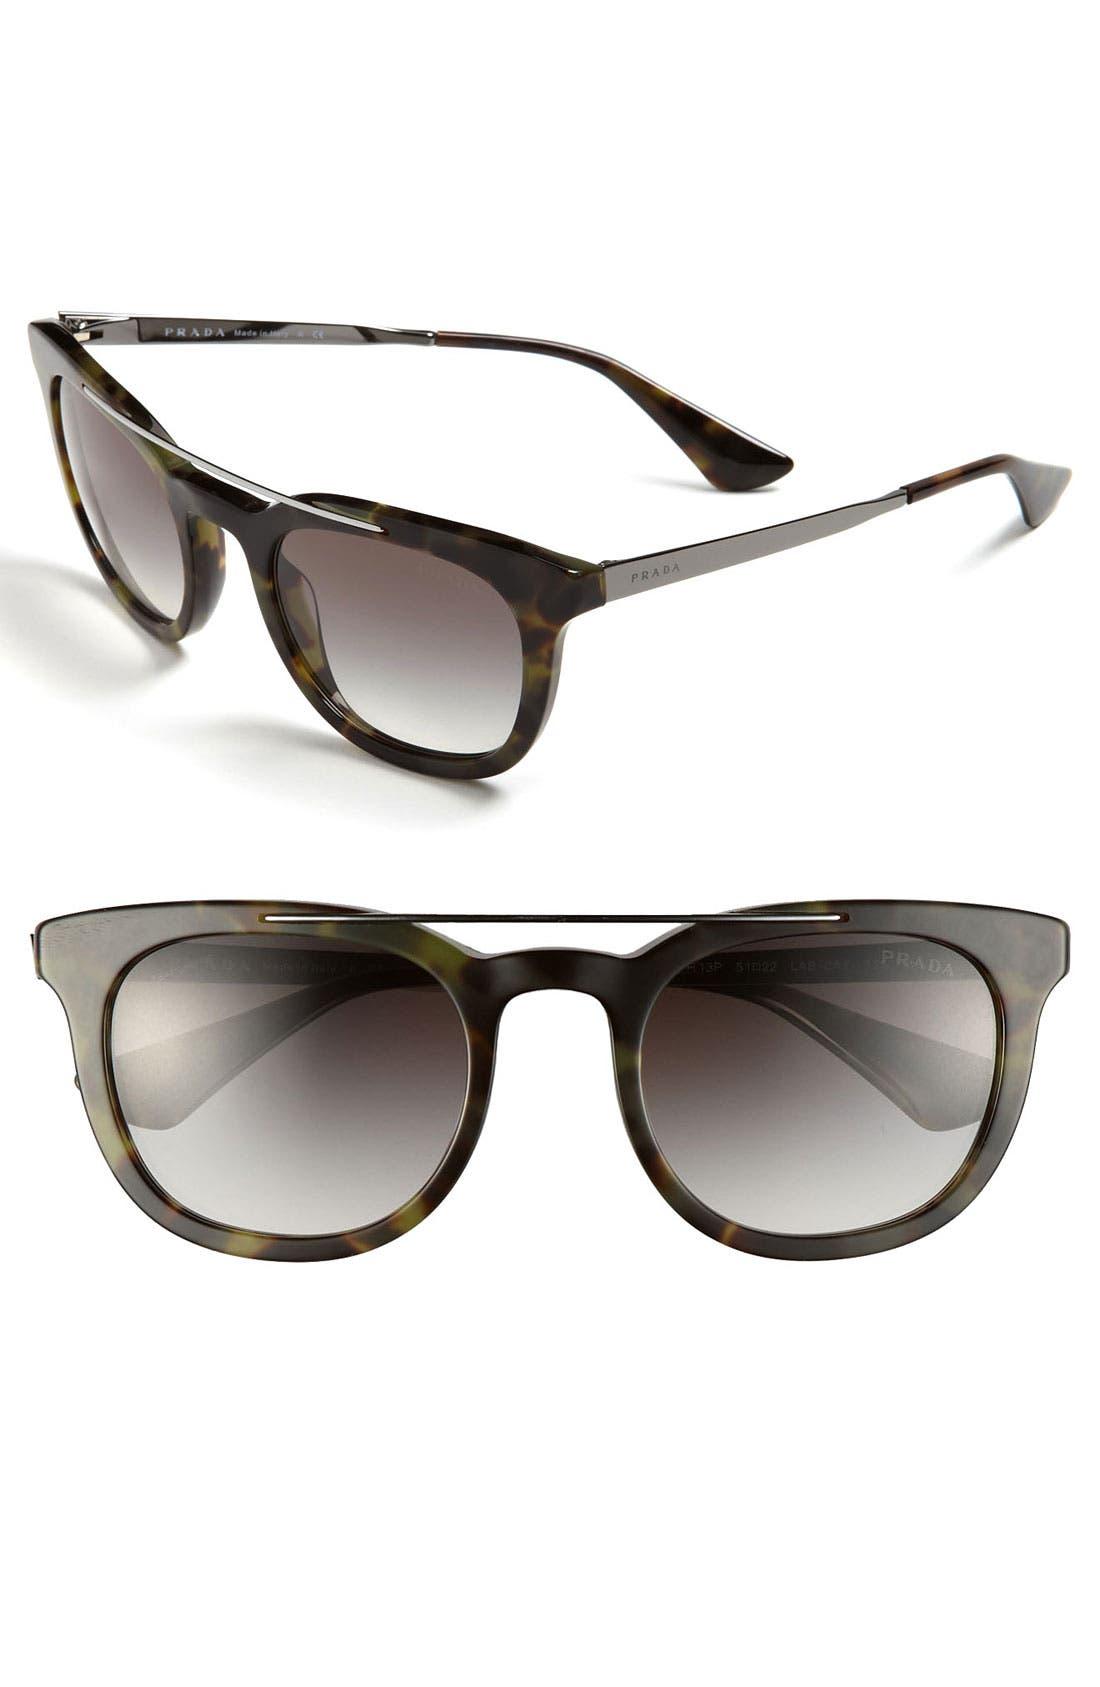 Main Image - Prada 'Fashion Browbar' 51mm Sunglasses